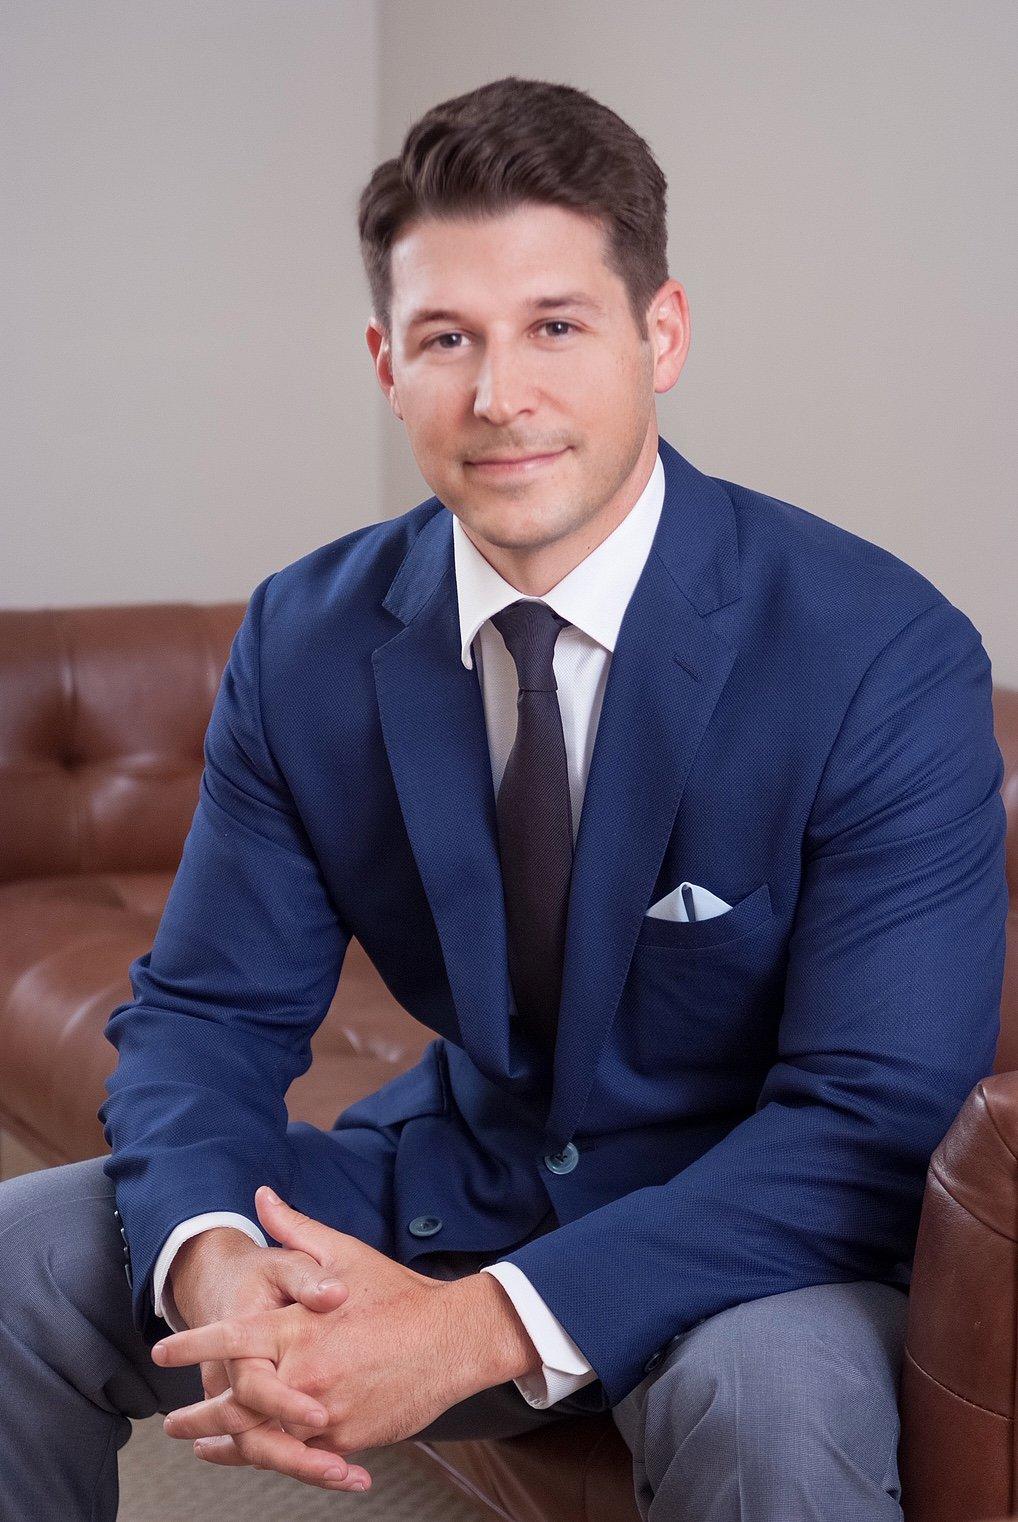 Plastic Surgeon Baton Rouge LA | Erick Sanchez, MD Plastic Surgery